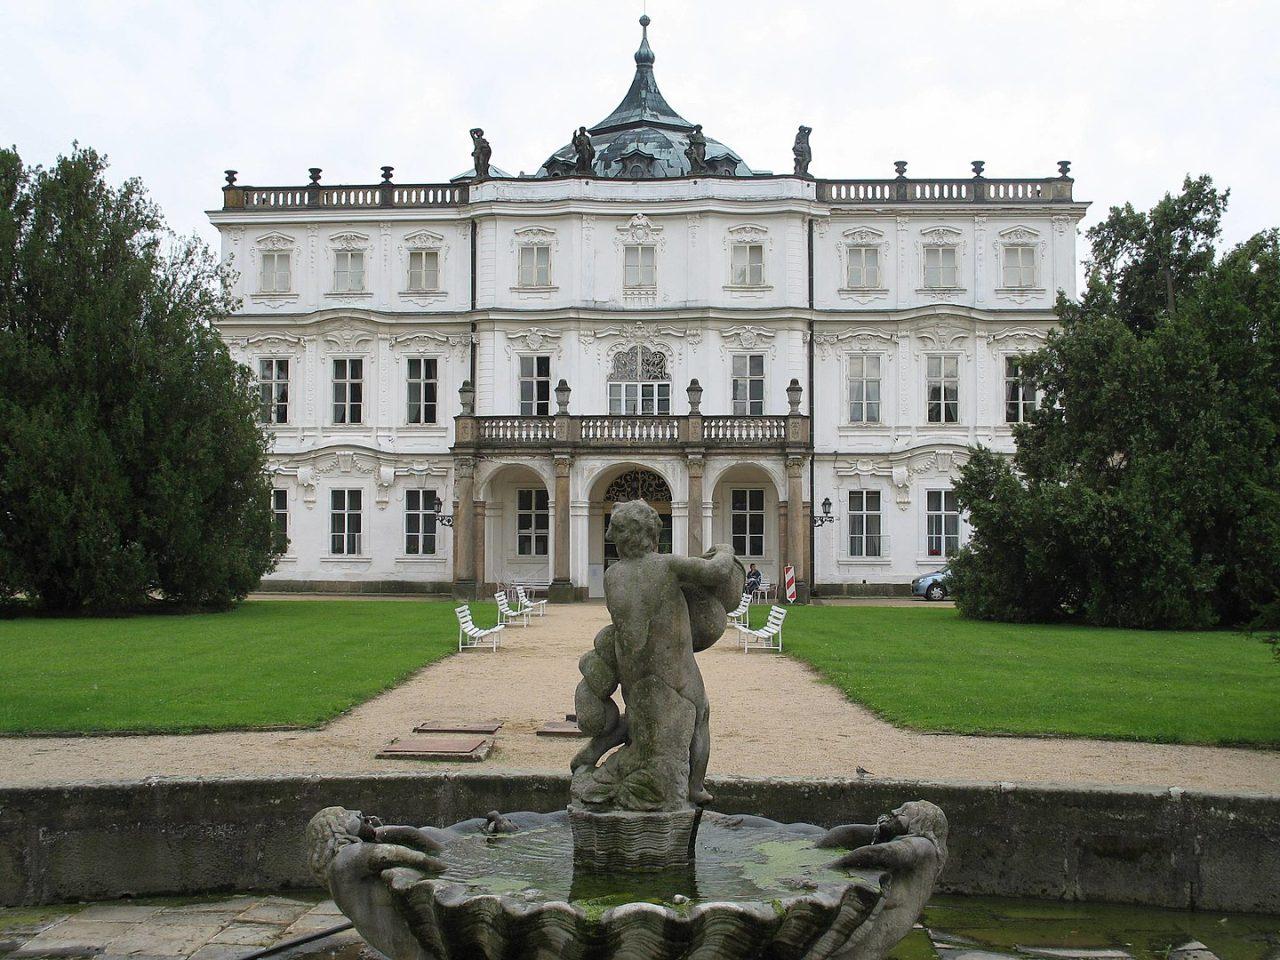 Štátny zámok Ploskovice, Česko